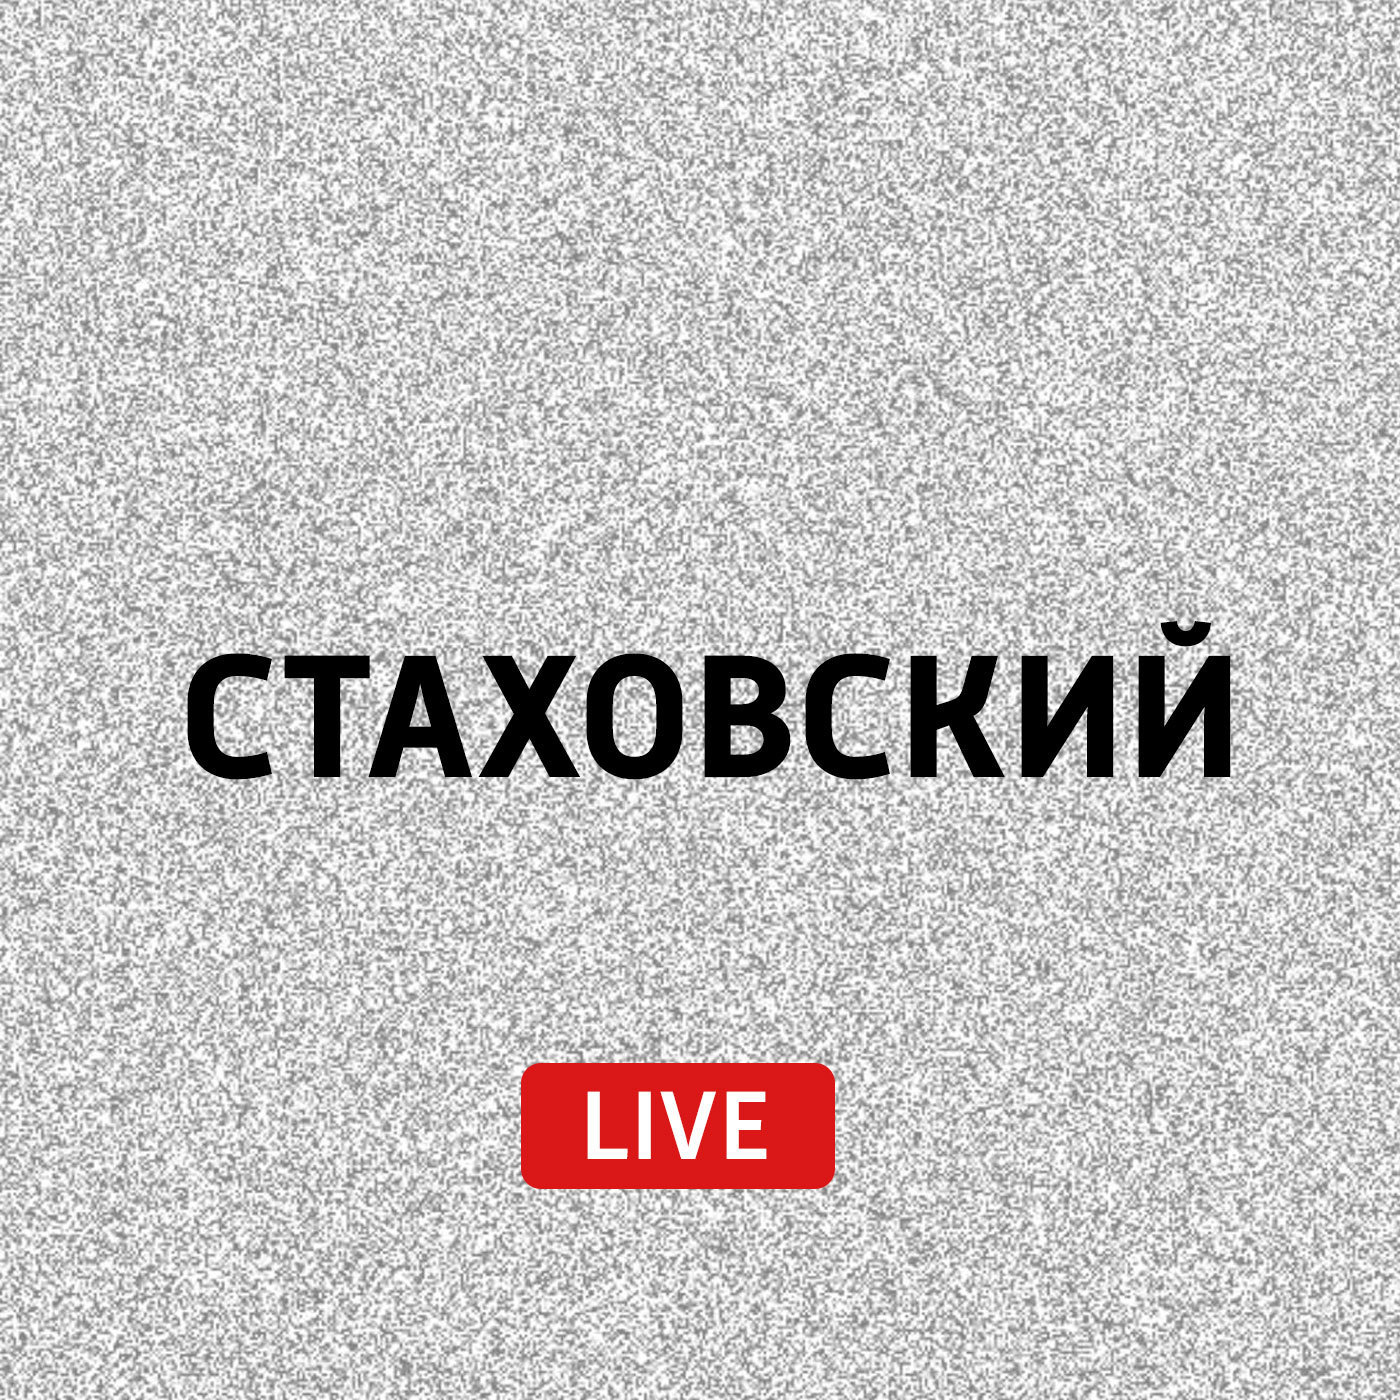 Евгений Стаховский О мировом детективе евгений стаховский кнут гамсун